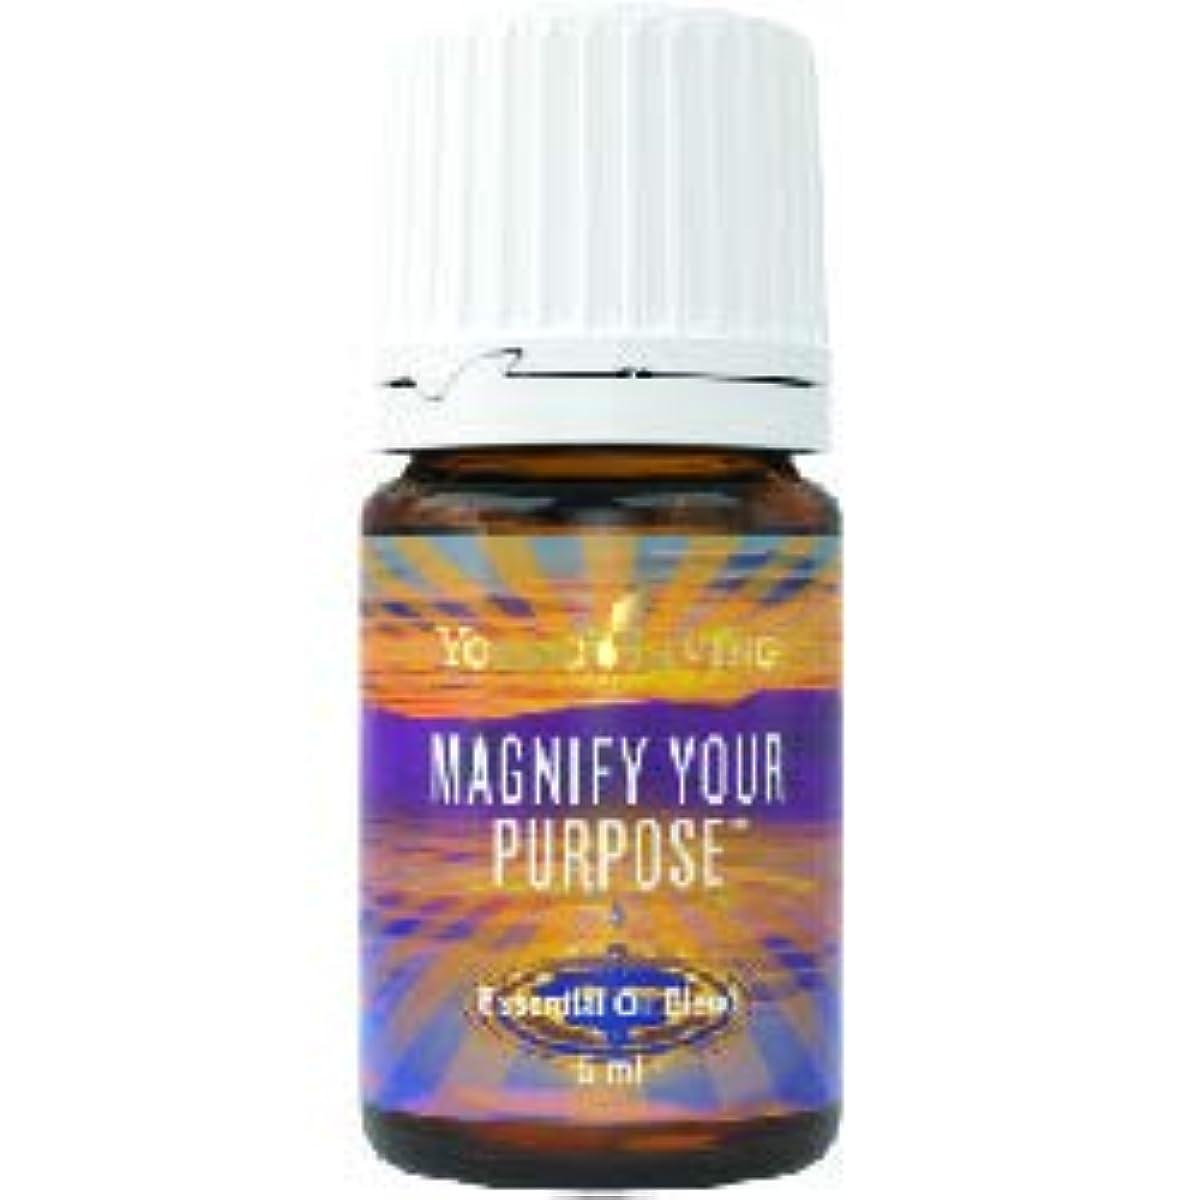 金額キャンセルブリーク目的を拡大するエッセンシャルオイル ヤングリビングエッセンシャルオイルマレーシア5ml Magnify Your Purpose Essential Oil 5ml by Young Living Essential Oil...